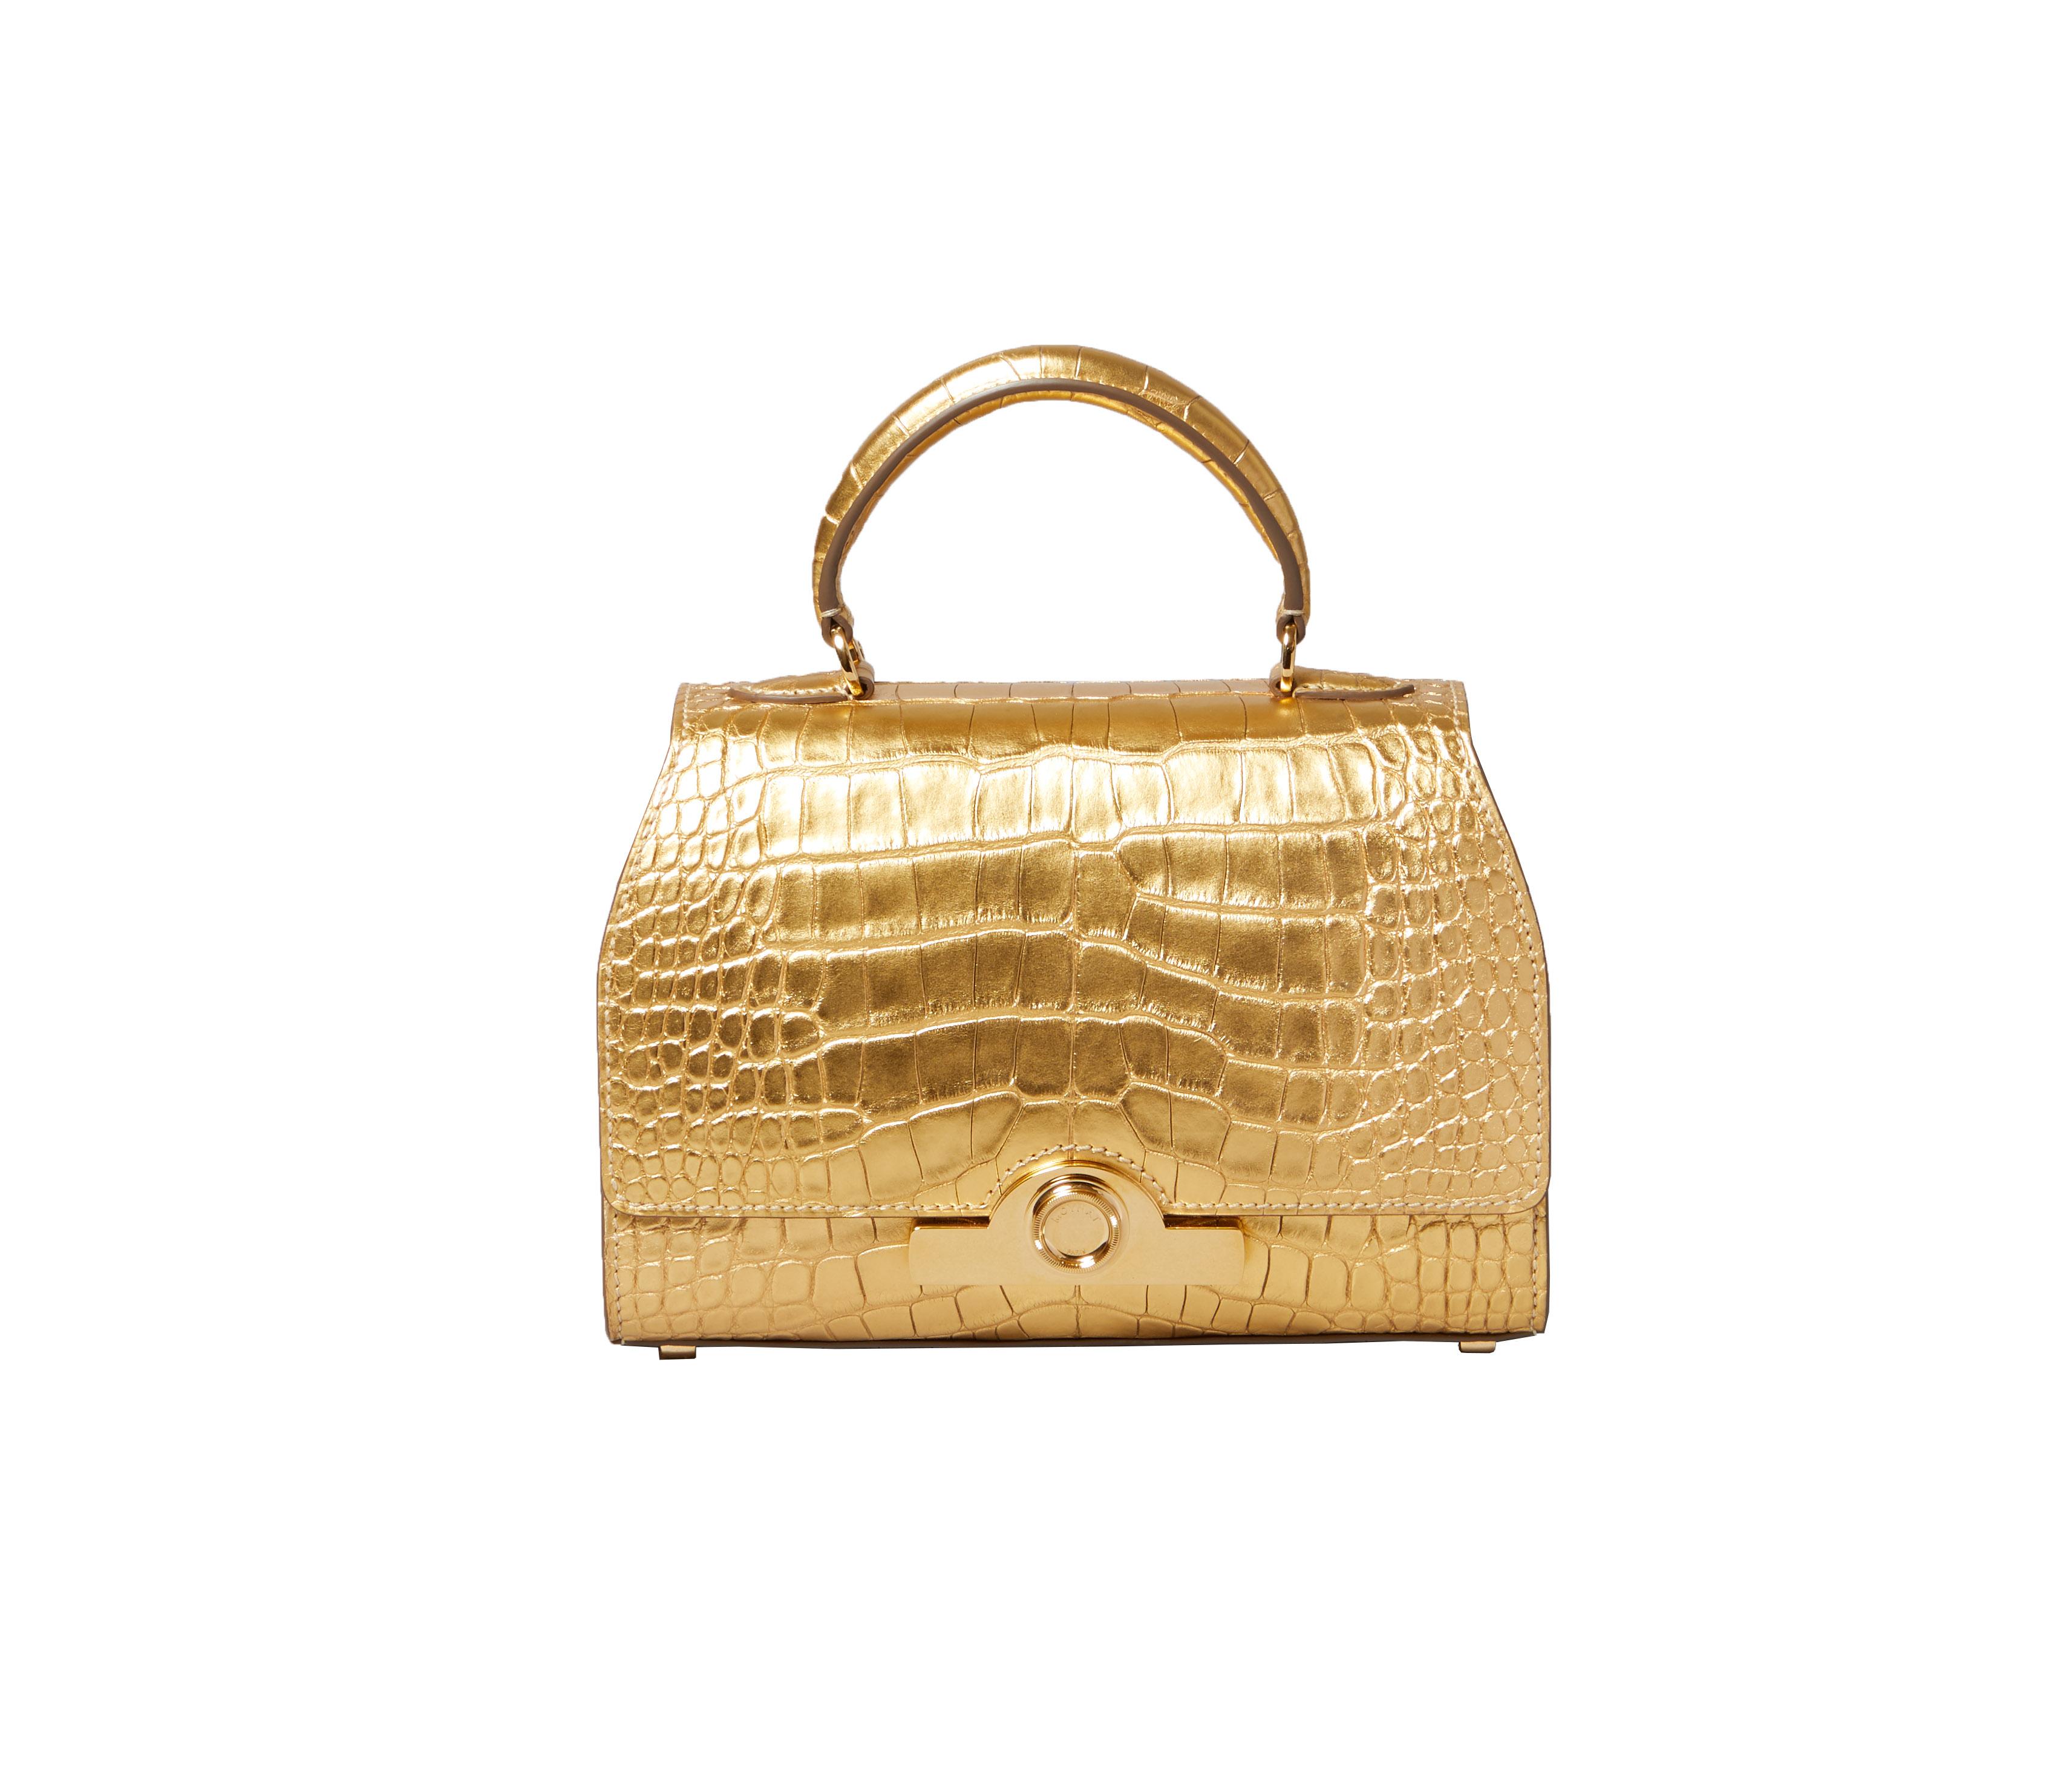 حقيبة Mini Réjane المصنوعة من جلد التمساح المطلي بالذهب